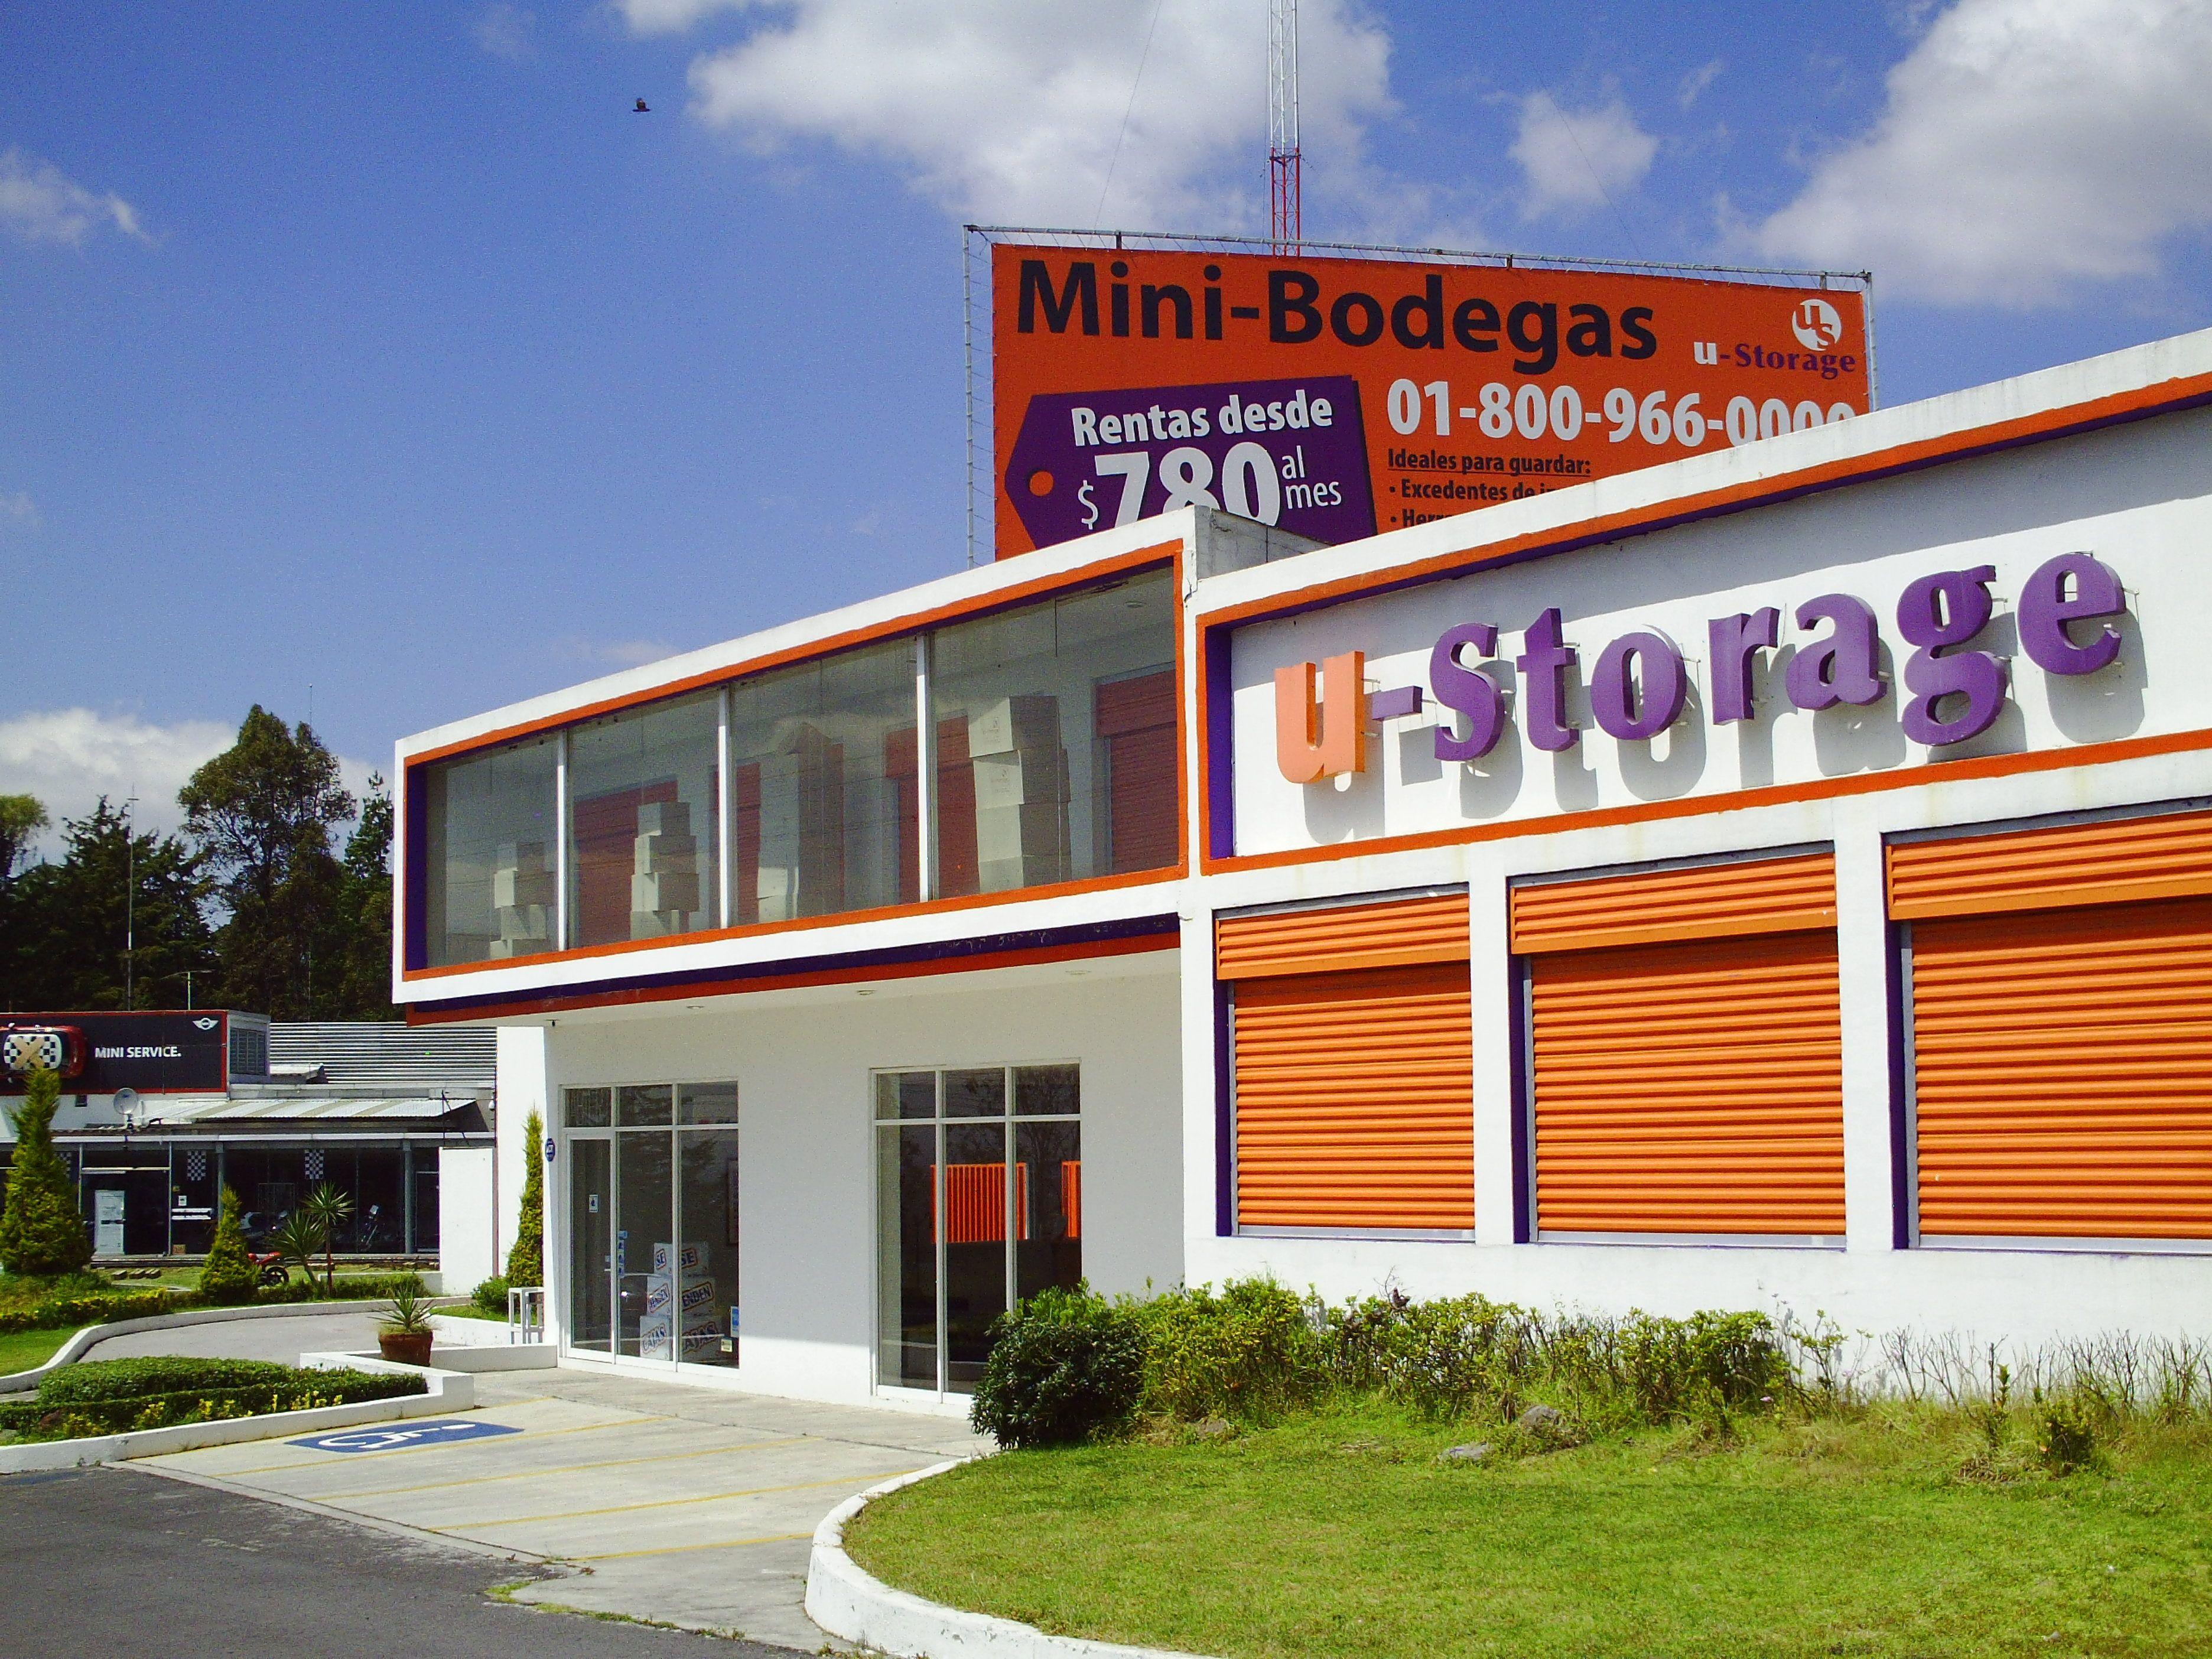 Fibra Storage busca comprar cinco inmuebles en la CDMX